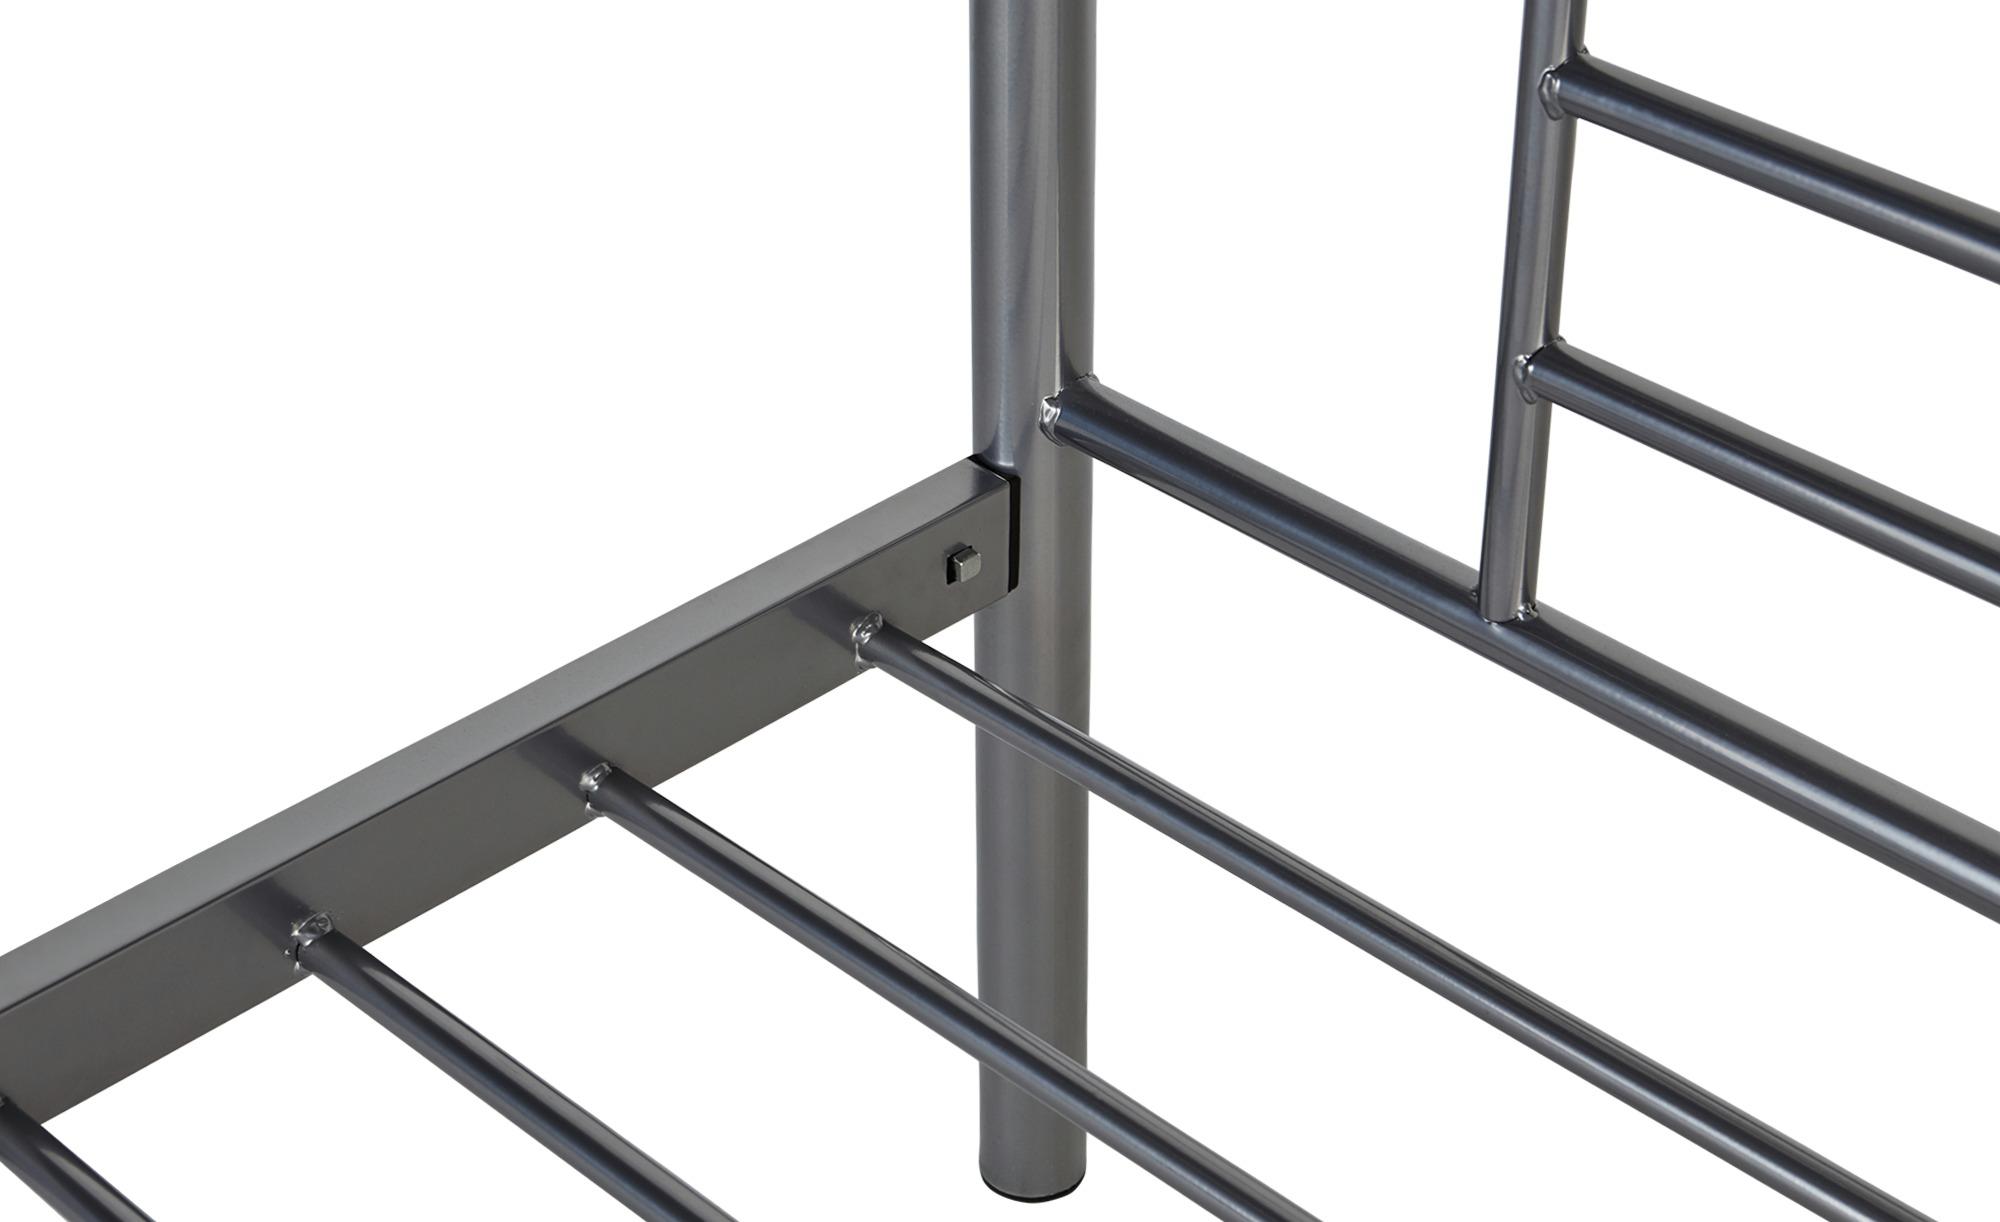 Etagenbett Metall Sconto : Metall bettgestell sconto der möbelmarkt